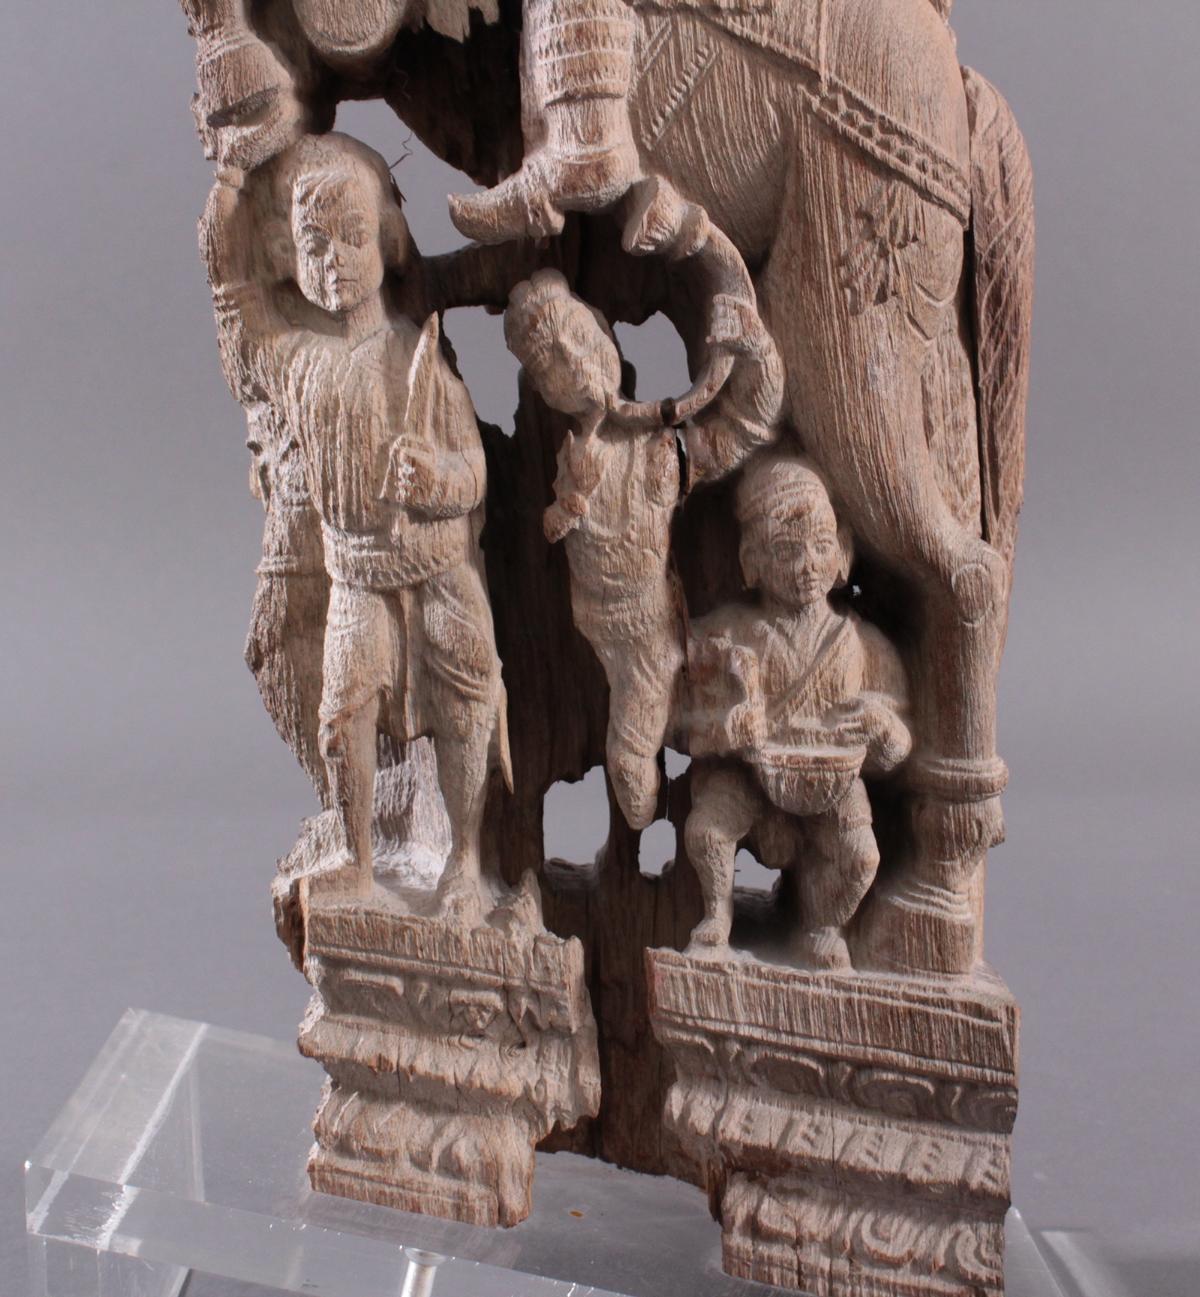 Holzplastik eines Reiters auf einem Pferd, Indien wohl Orissa 15./16. Jh.-10